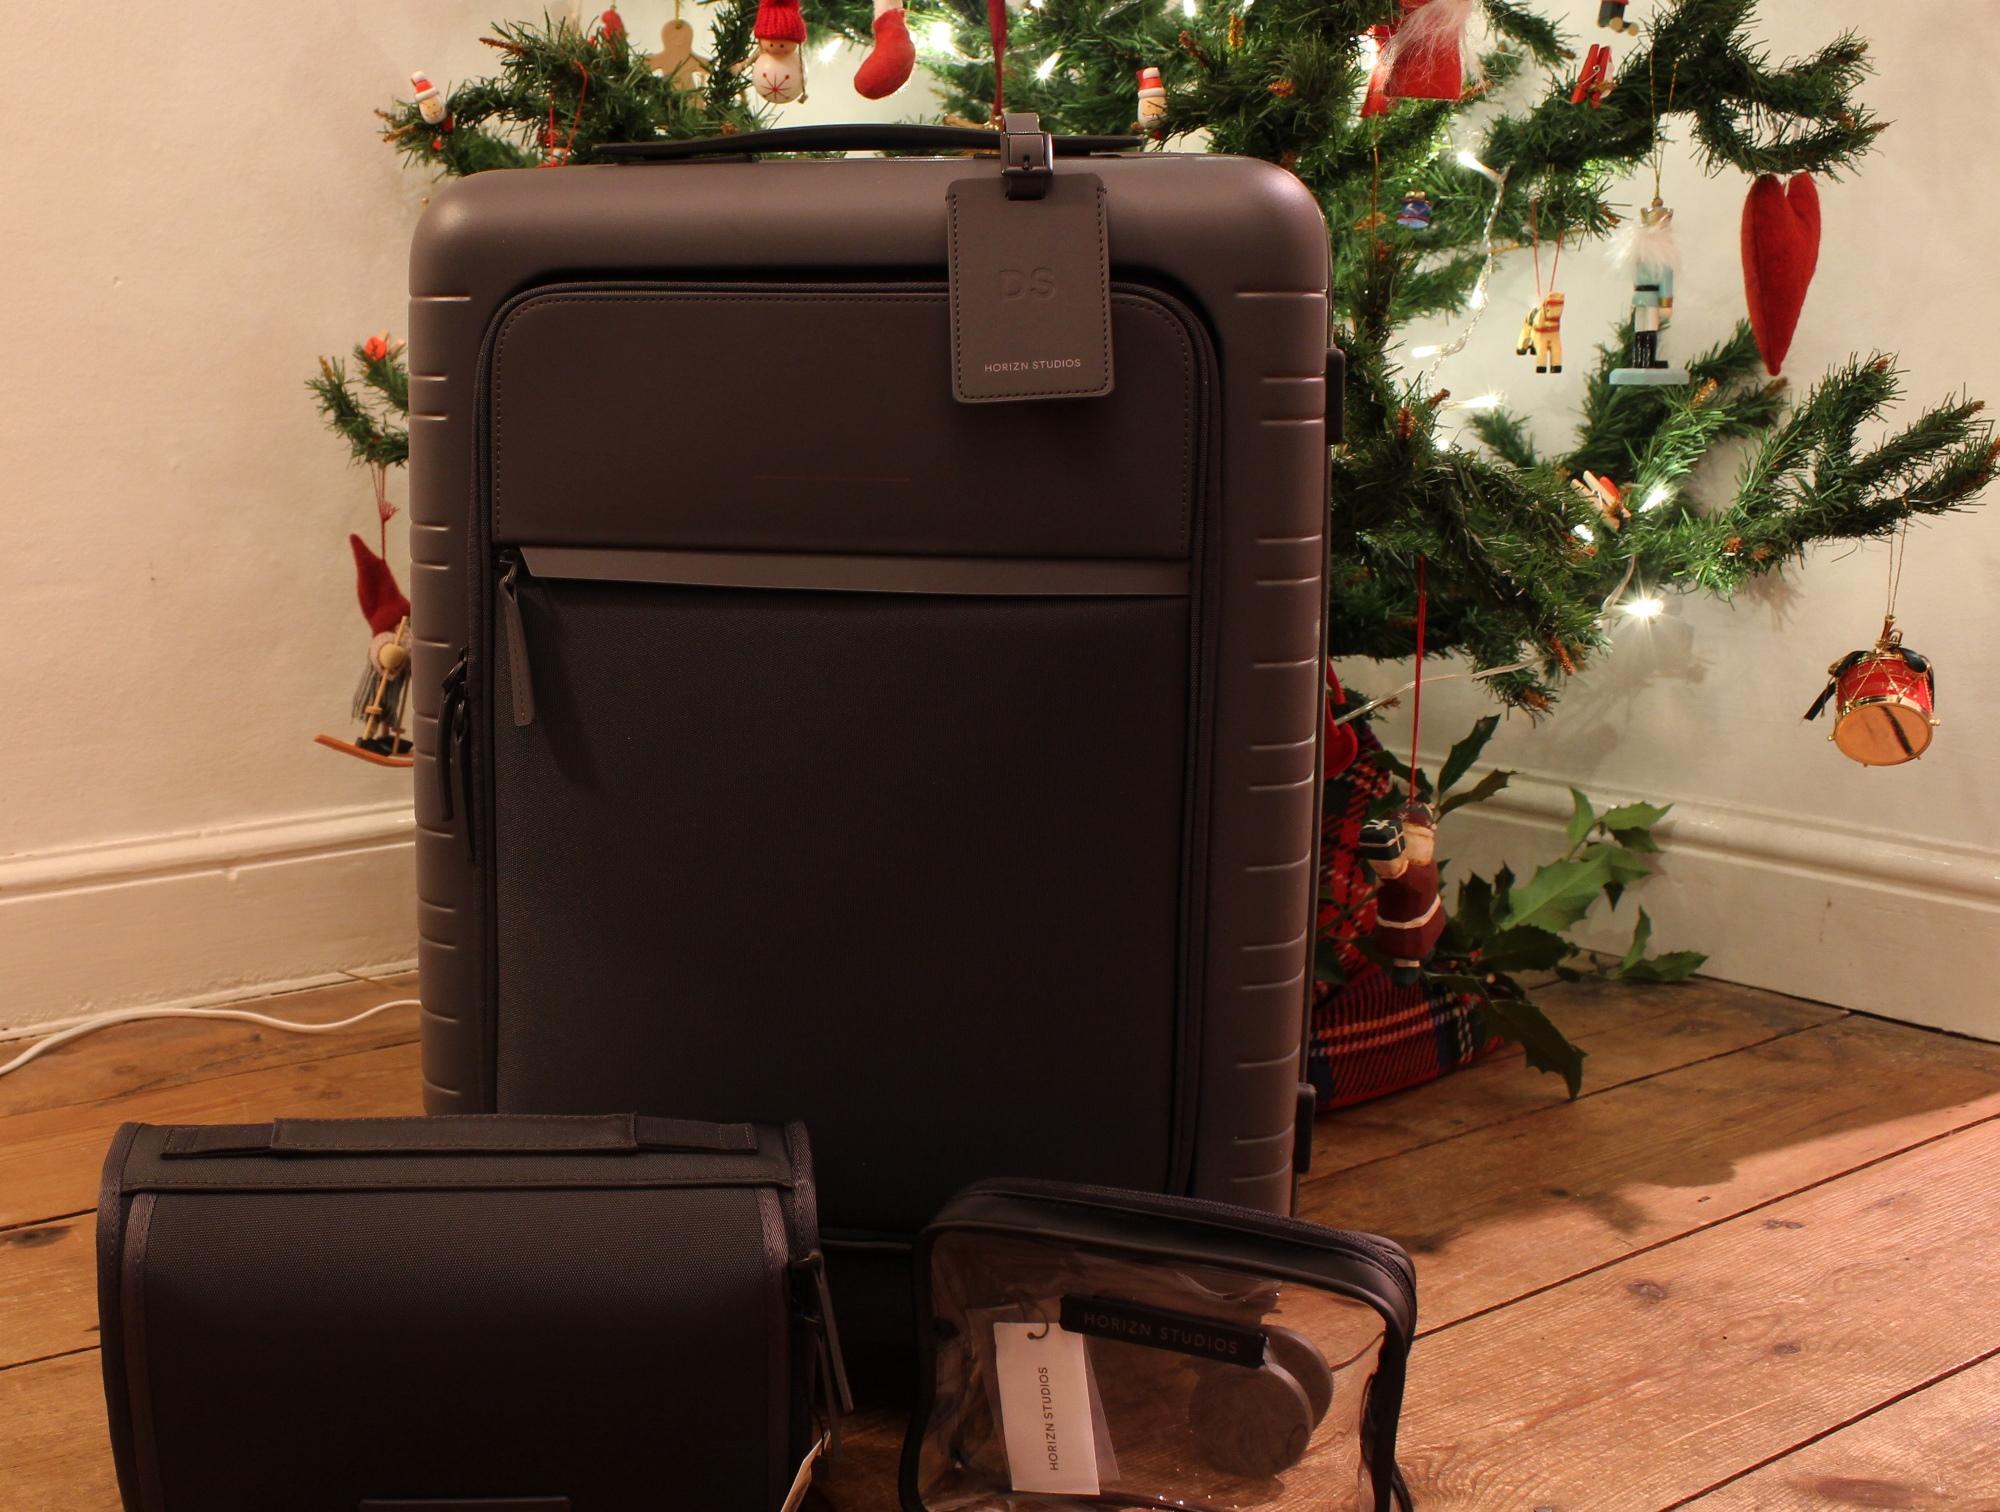 horizn-studios-m5-suitcase